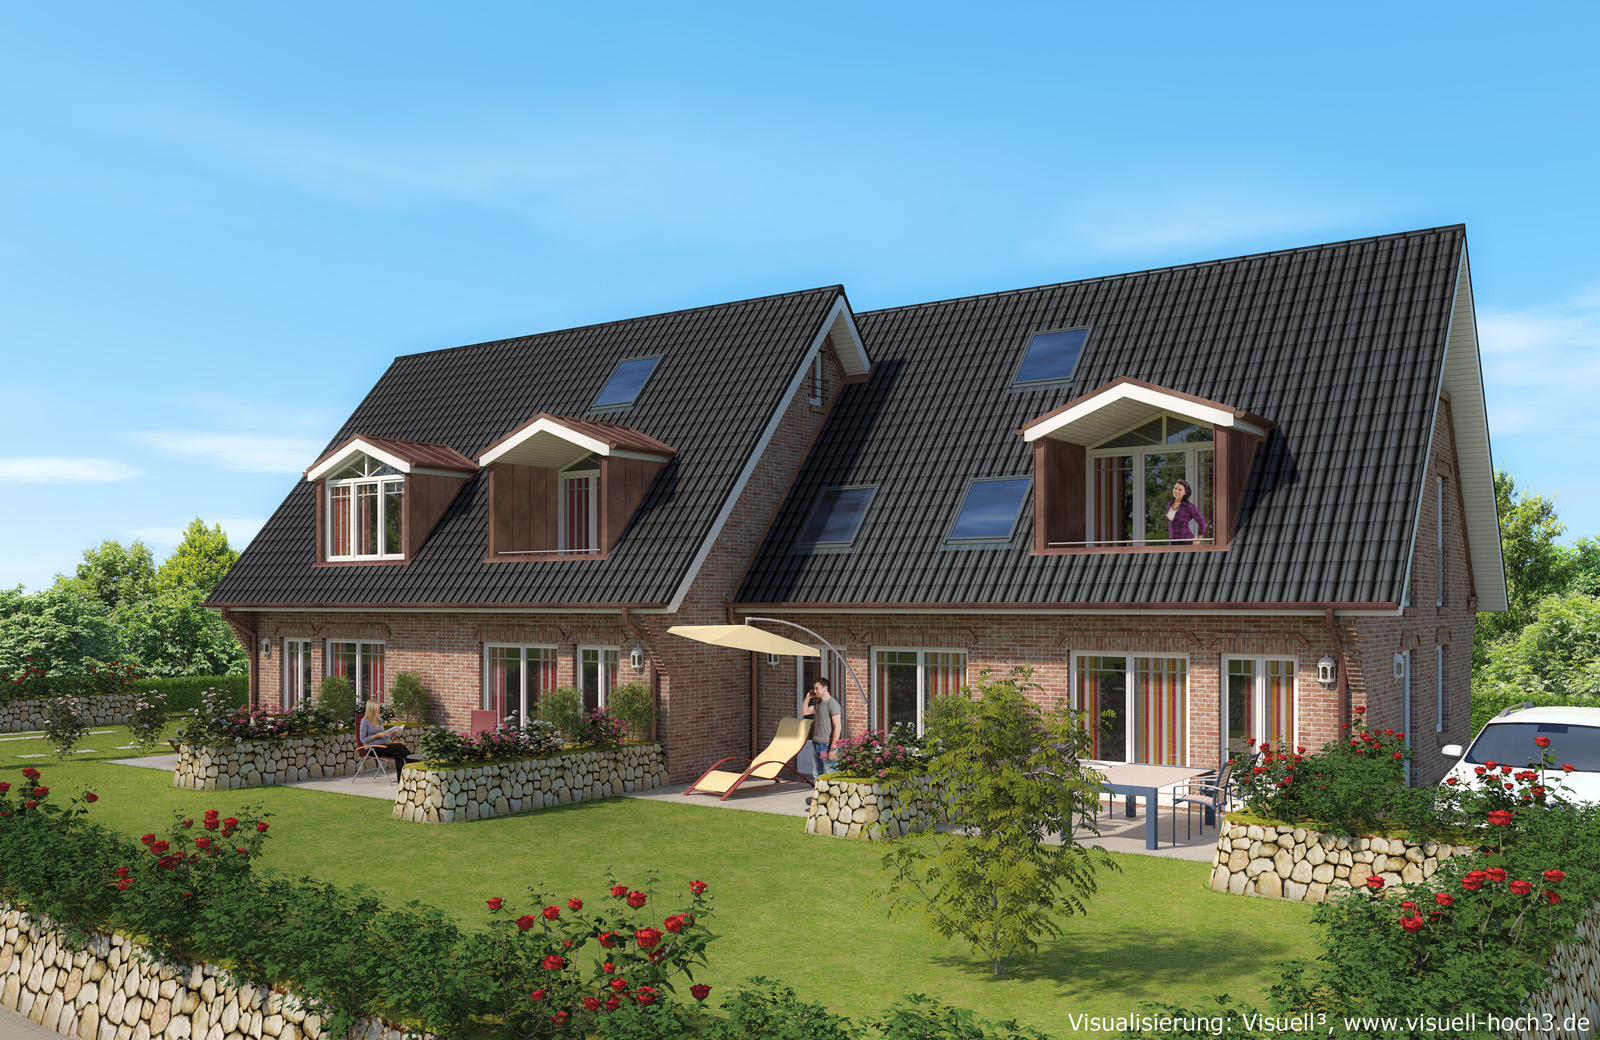 architekturvisualisierung und produktvisualisierung projektauswahl seite 3 von 4. Black Bedroom Furniture Sets. Home Design Ideas